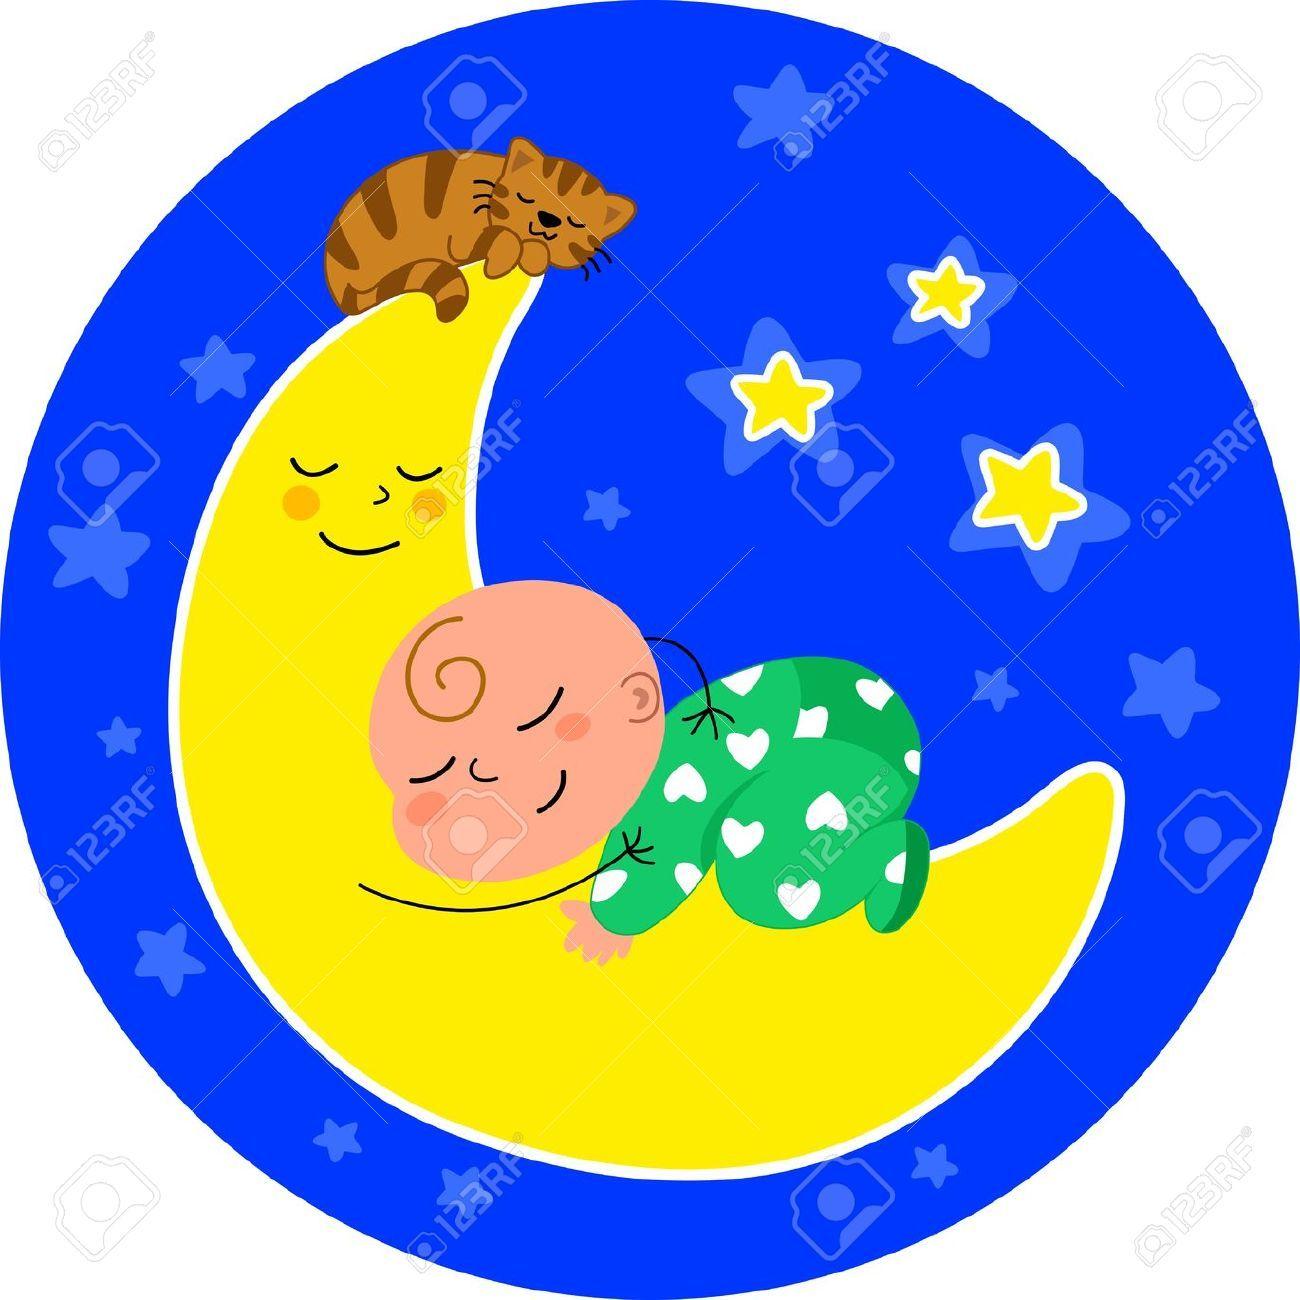 Bebe durmiendo dibujo buscar con google proyectos - Dibujos de lunas infantiles ...